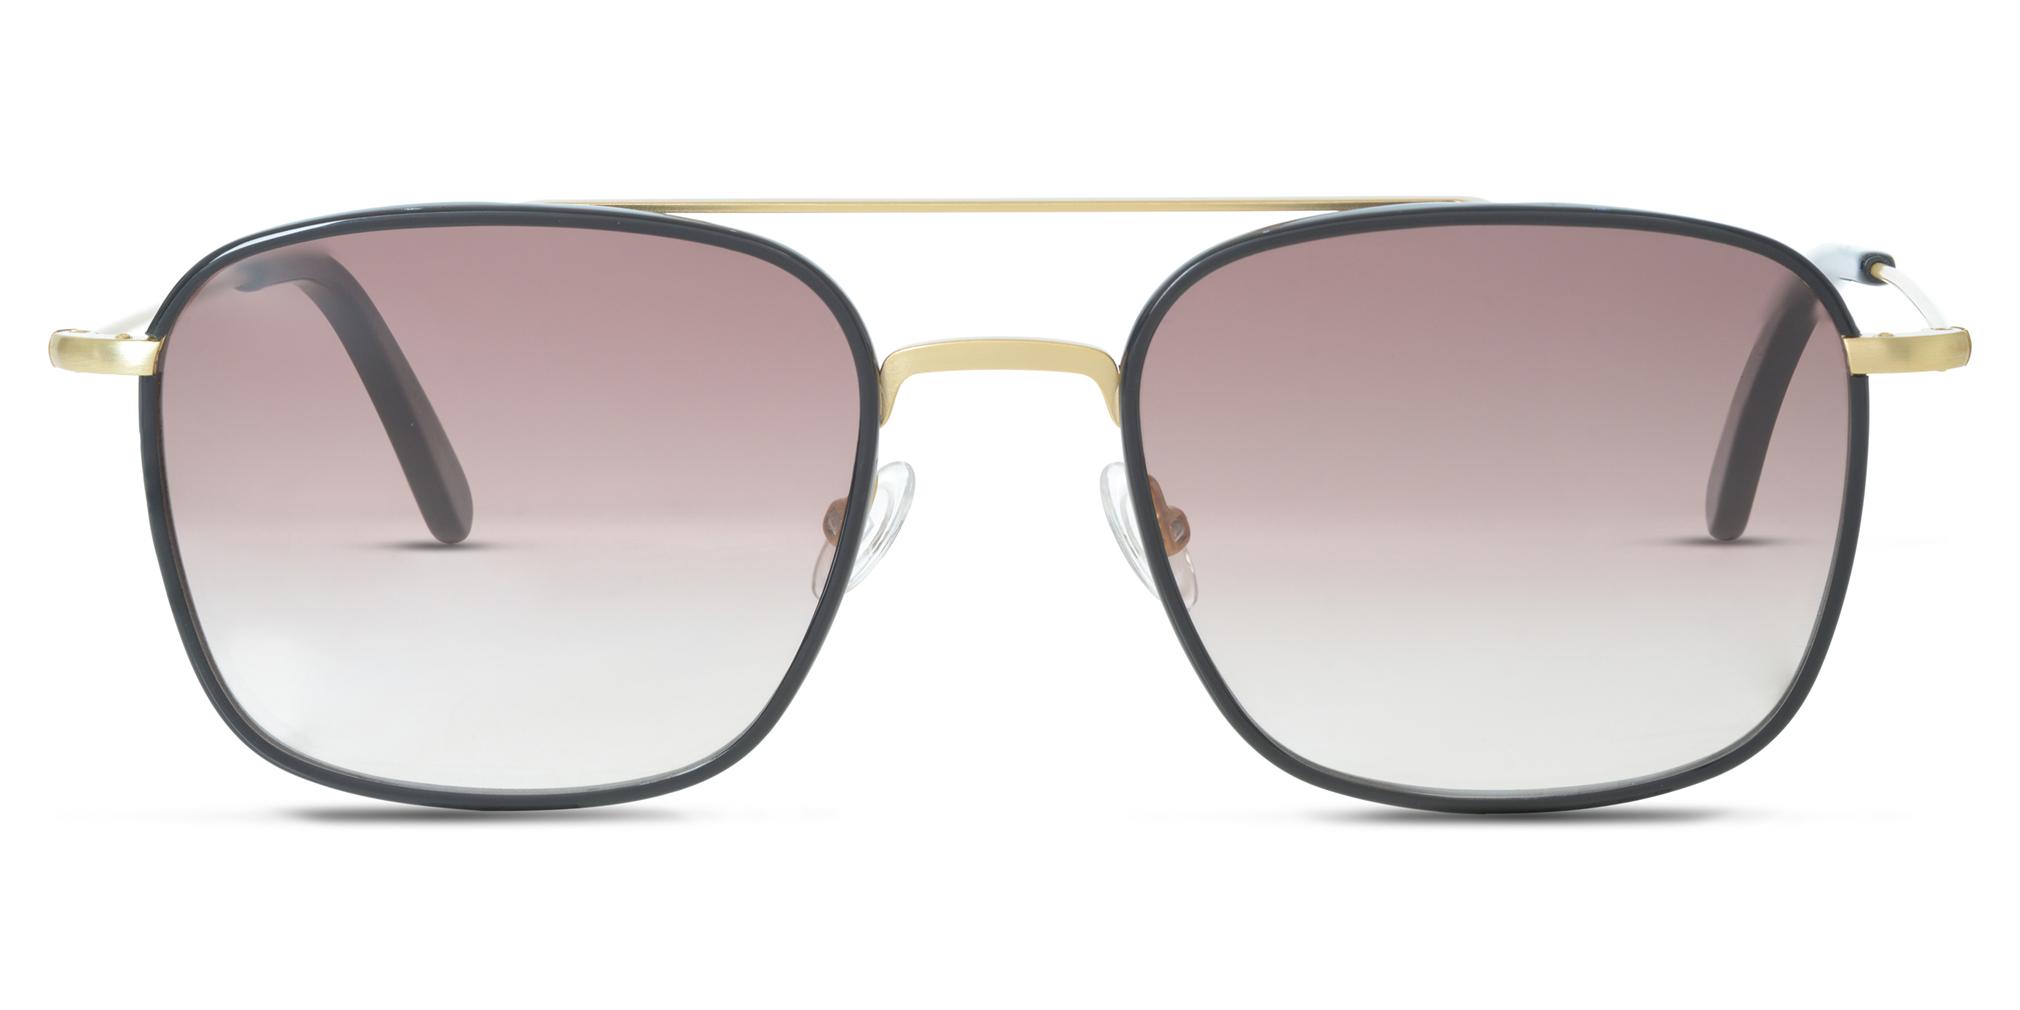 Finlay & Co Retro Sunglasses